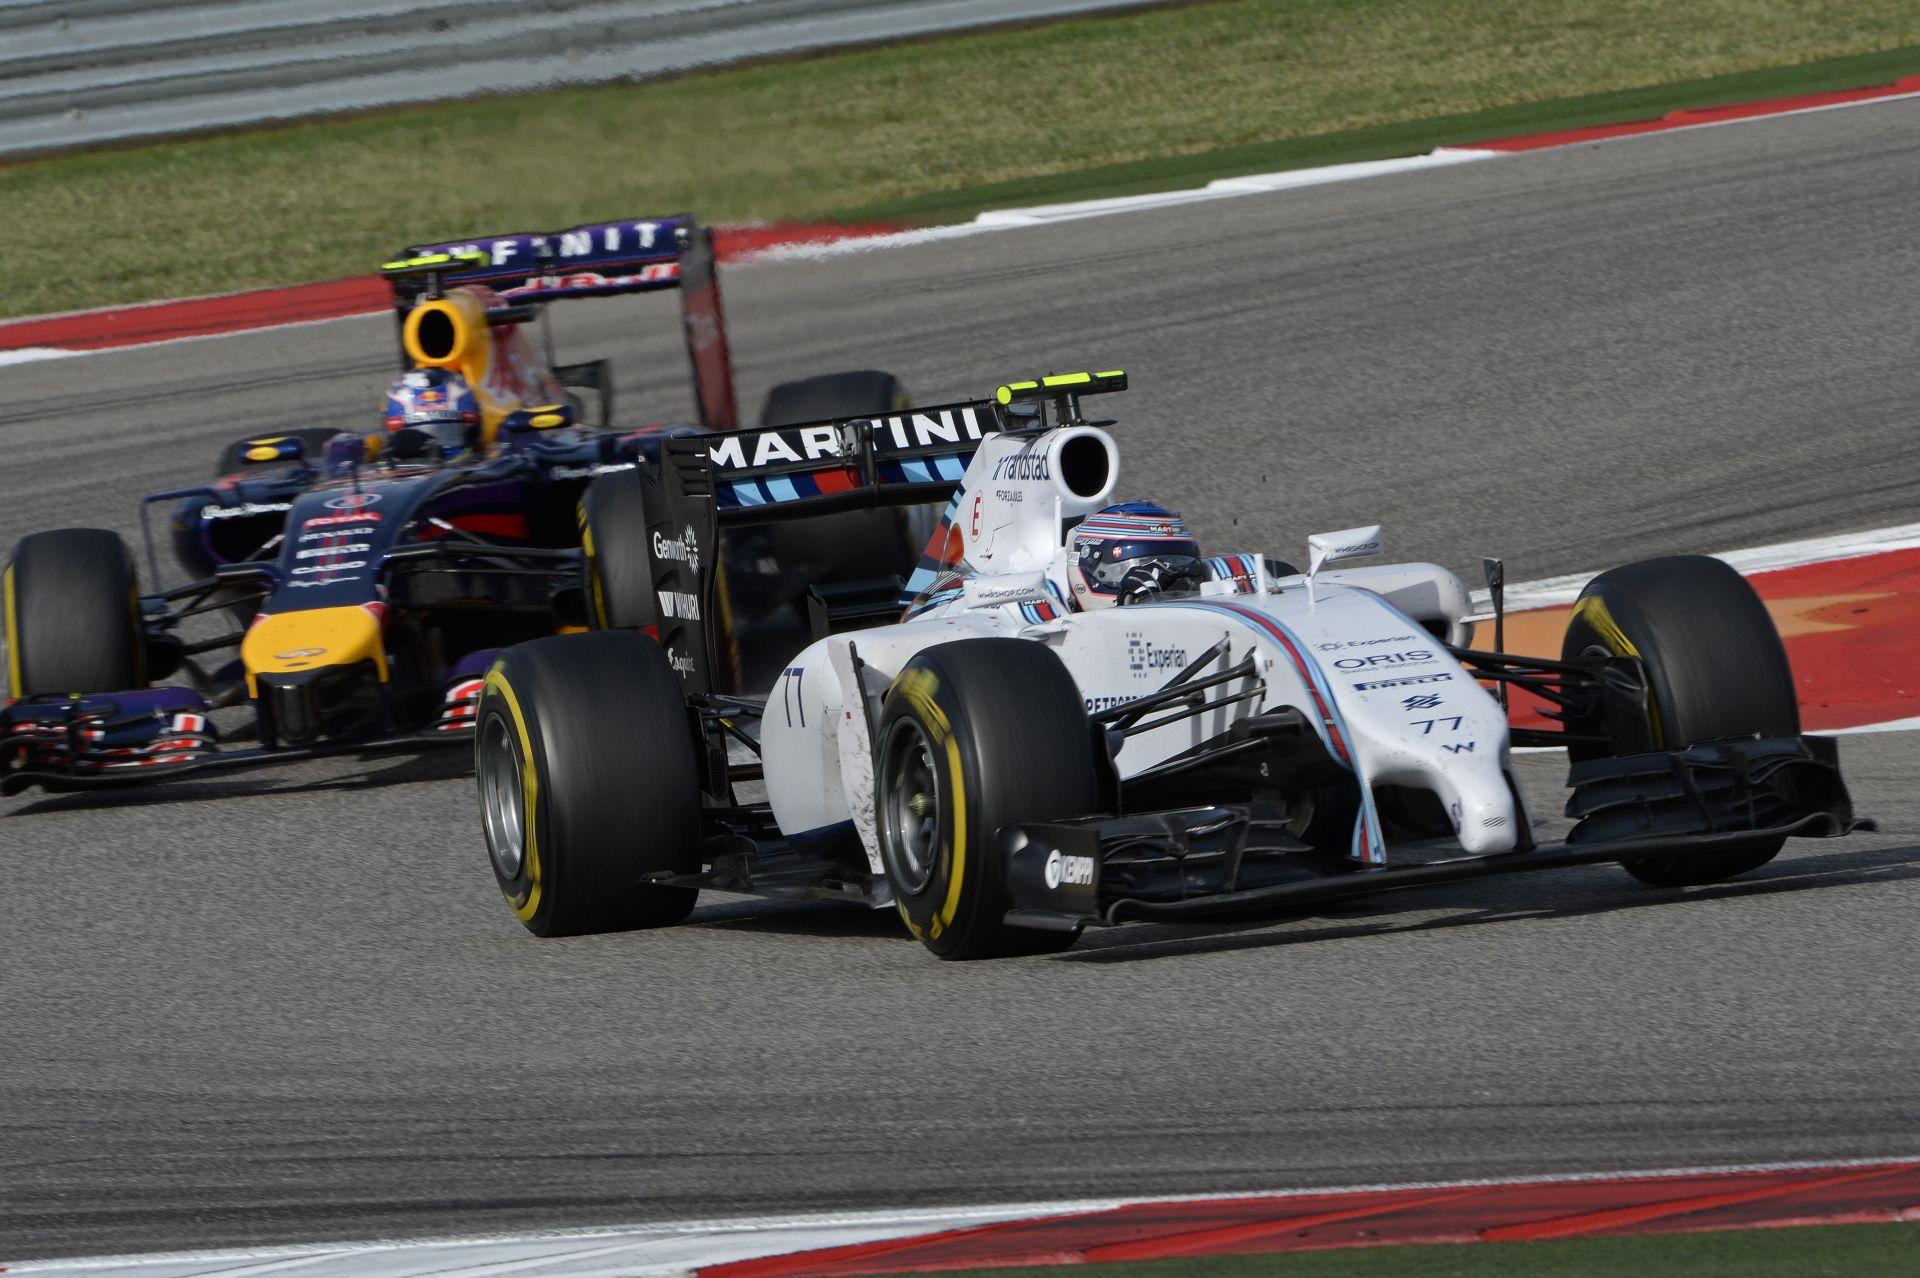 Smedley: Nem kezdünk el nyafogni és sopánkodni, mert a Mercedes gyorsabb